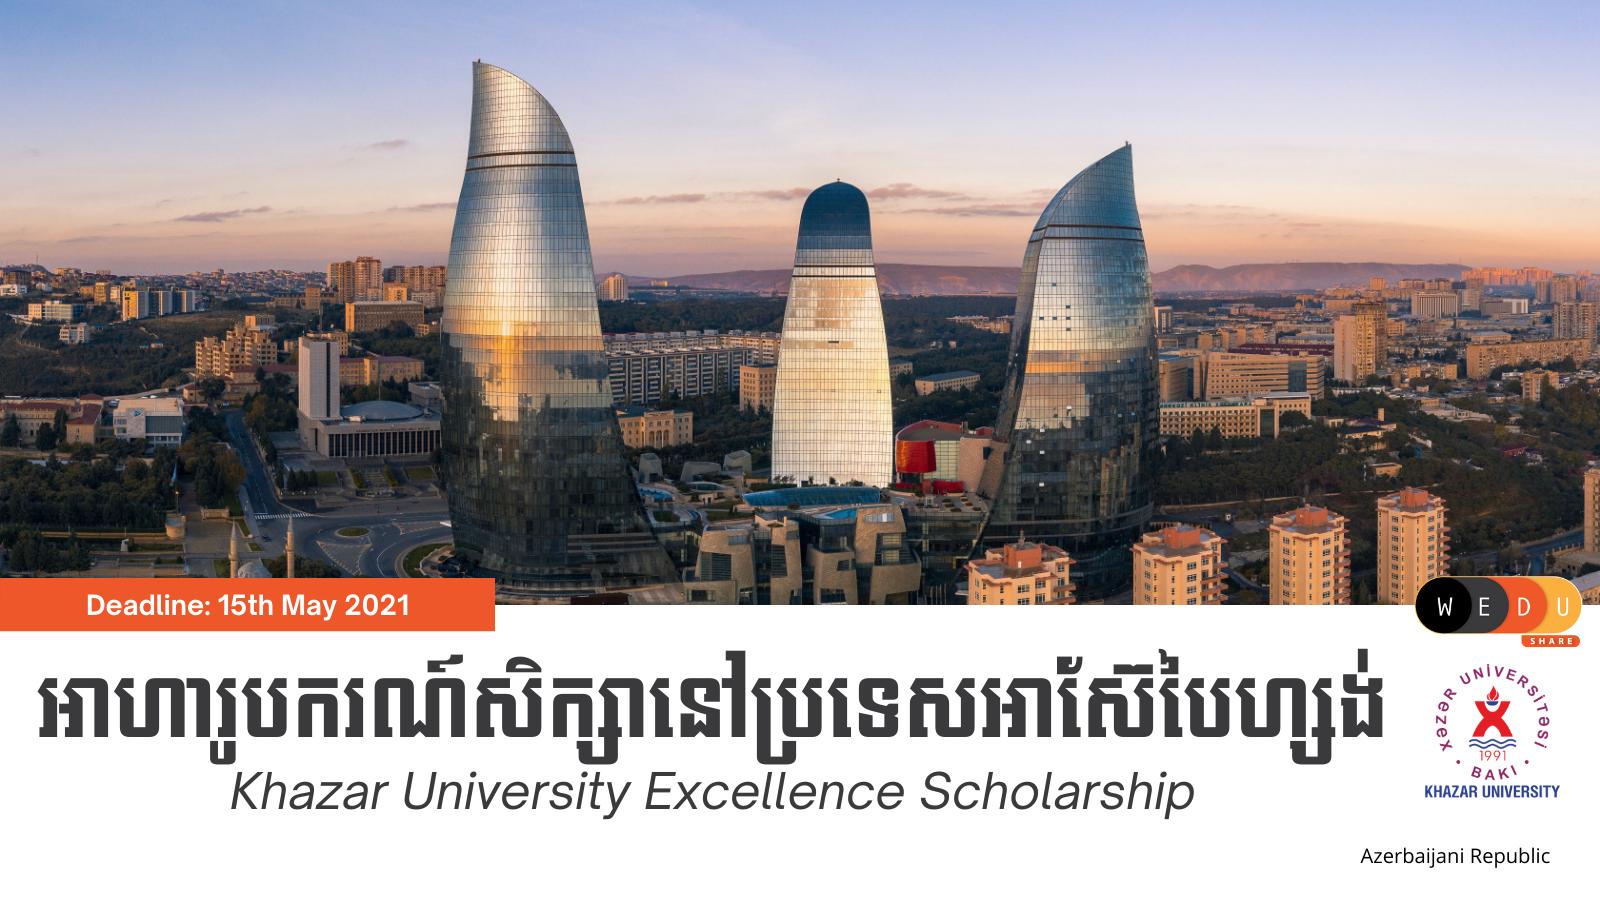 Khazar University Excellence Scholarship